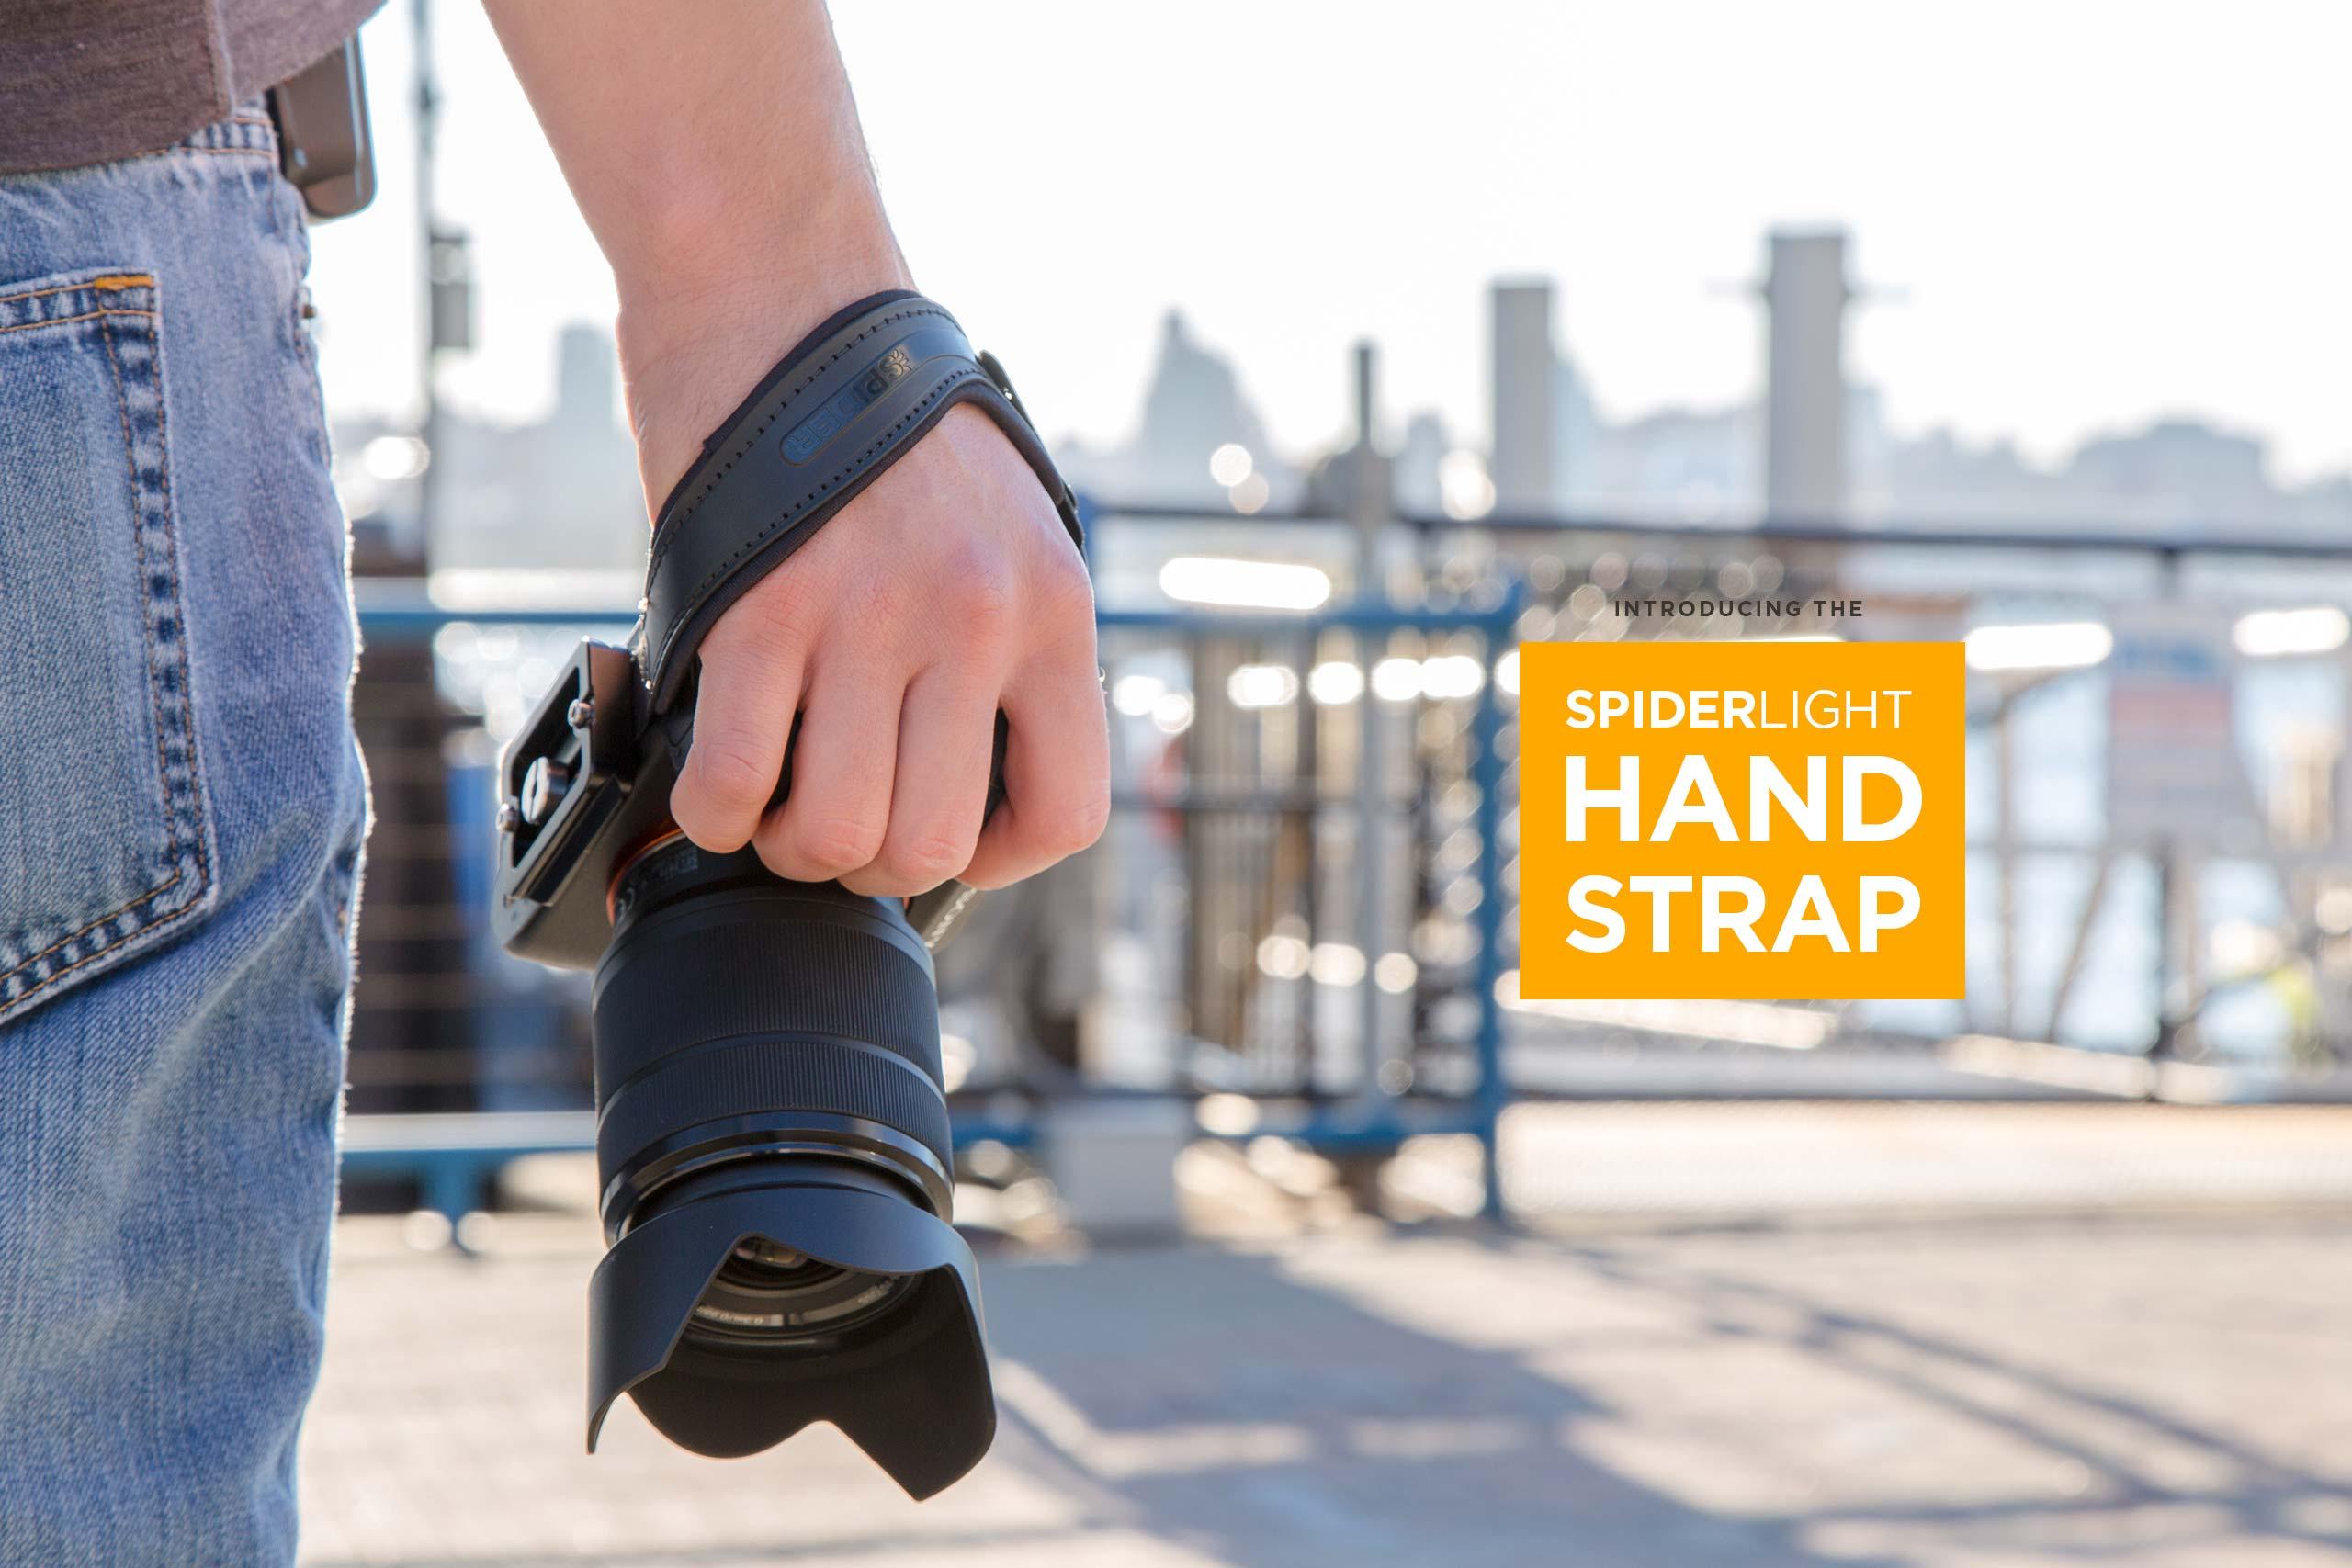 hand-strap-light-2-slide